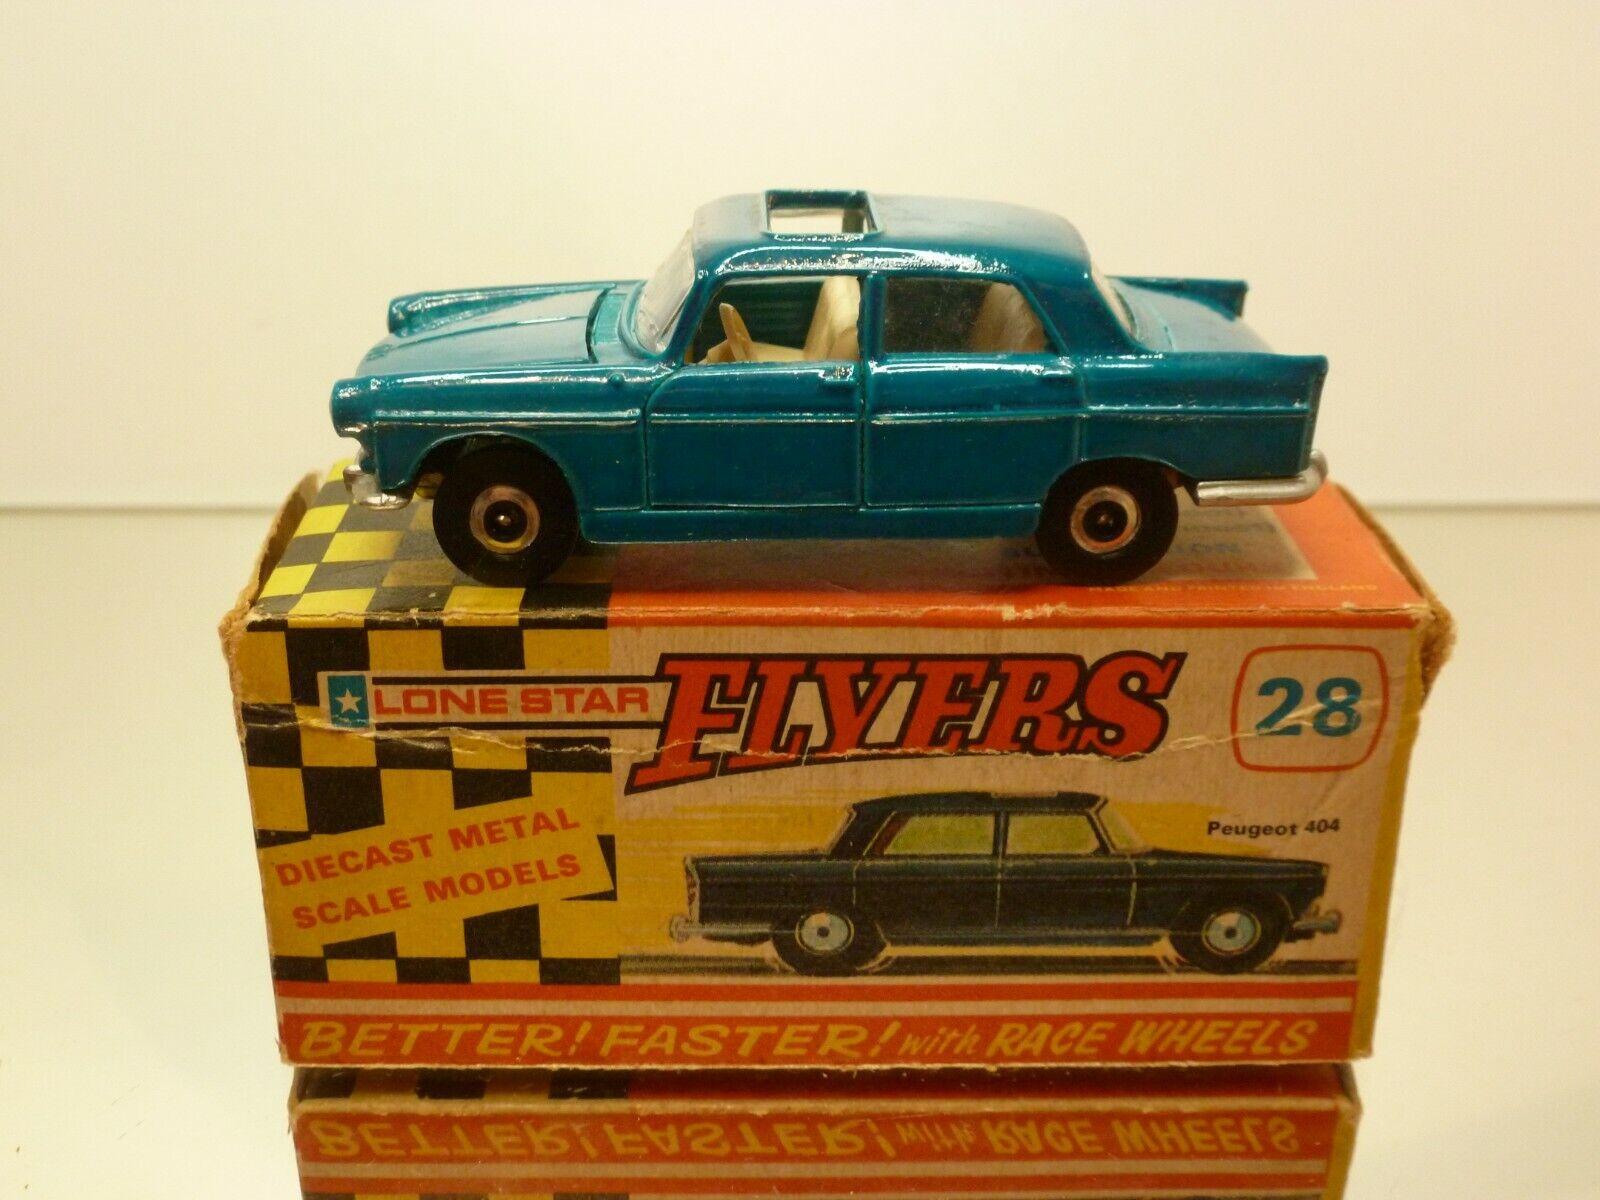 gran selección y entrega rápida FLYERS LONE Estrella 28 PEUGEOT 404 - azul - - - VERY GOOD CONDITION IN BOX  (IMPY)  gran venta